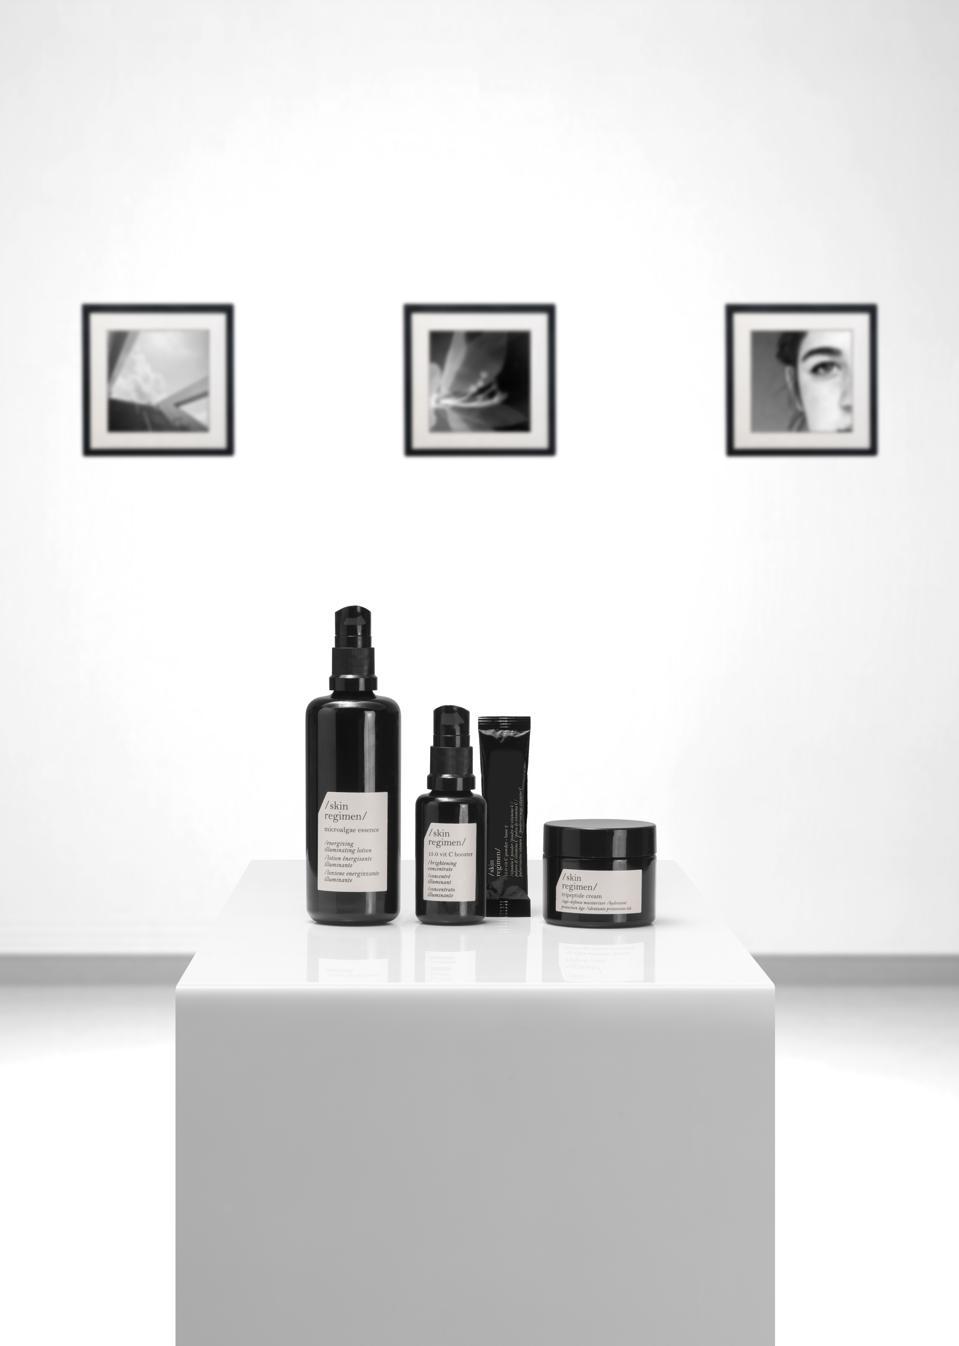 Skin Regimen collection